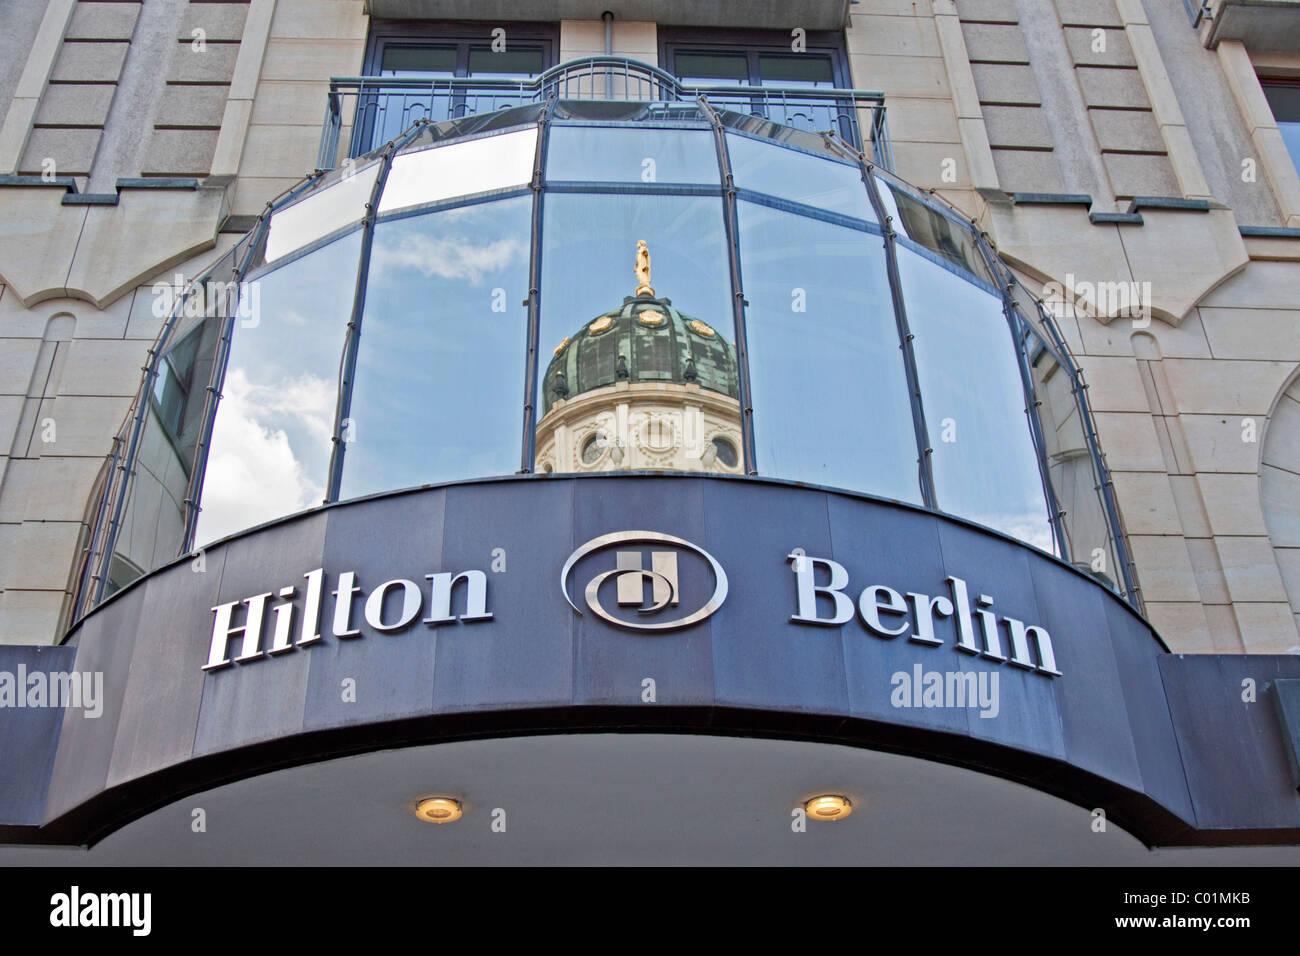 Hilton Hotel Berlin Deutsche Dom Spiegelt Sich In Fenstern Mitte